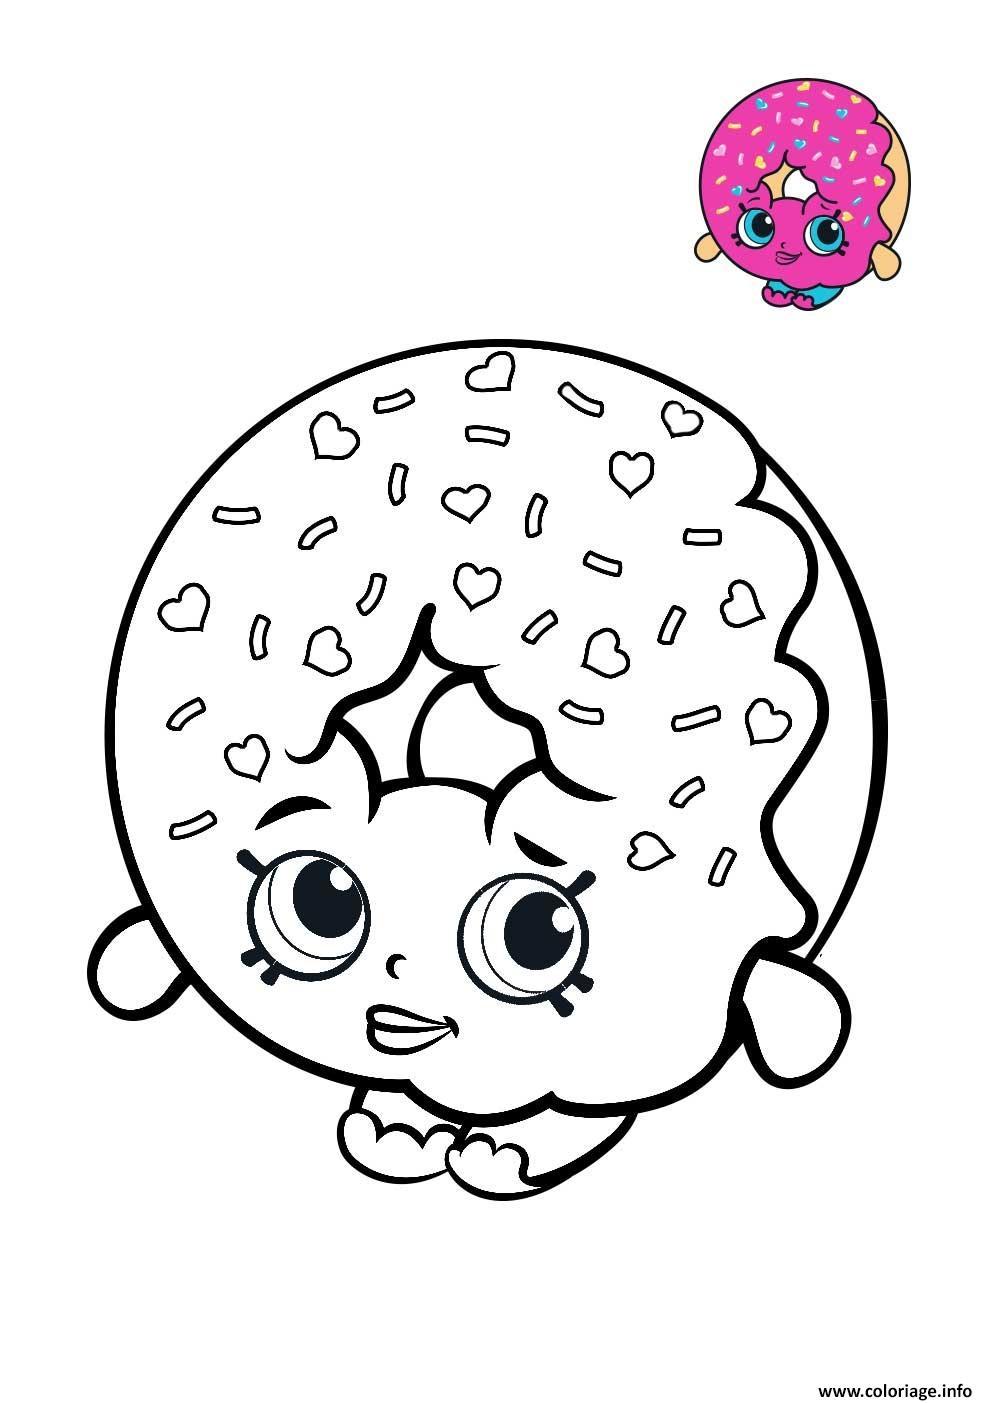 Coloriage shopkins beigne rose bonbon dessin - Dessins a colorier gratuit a imprimer ...